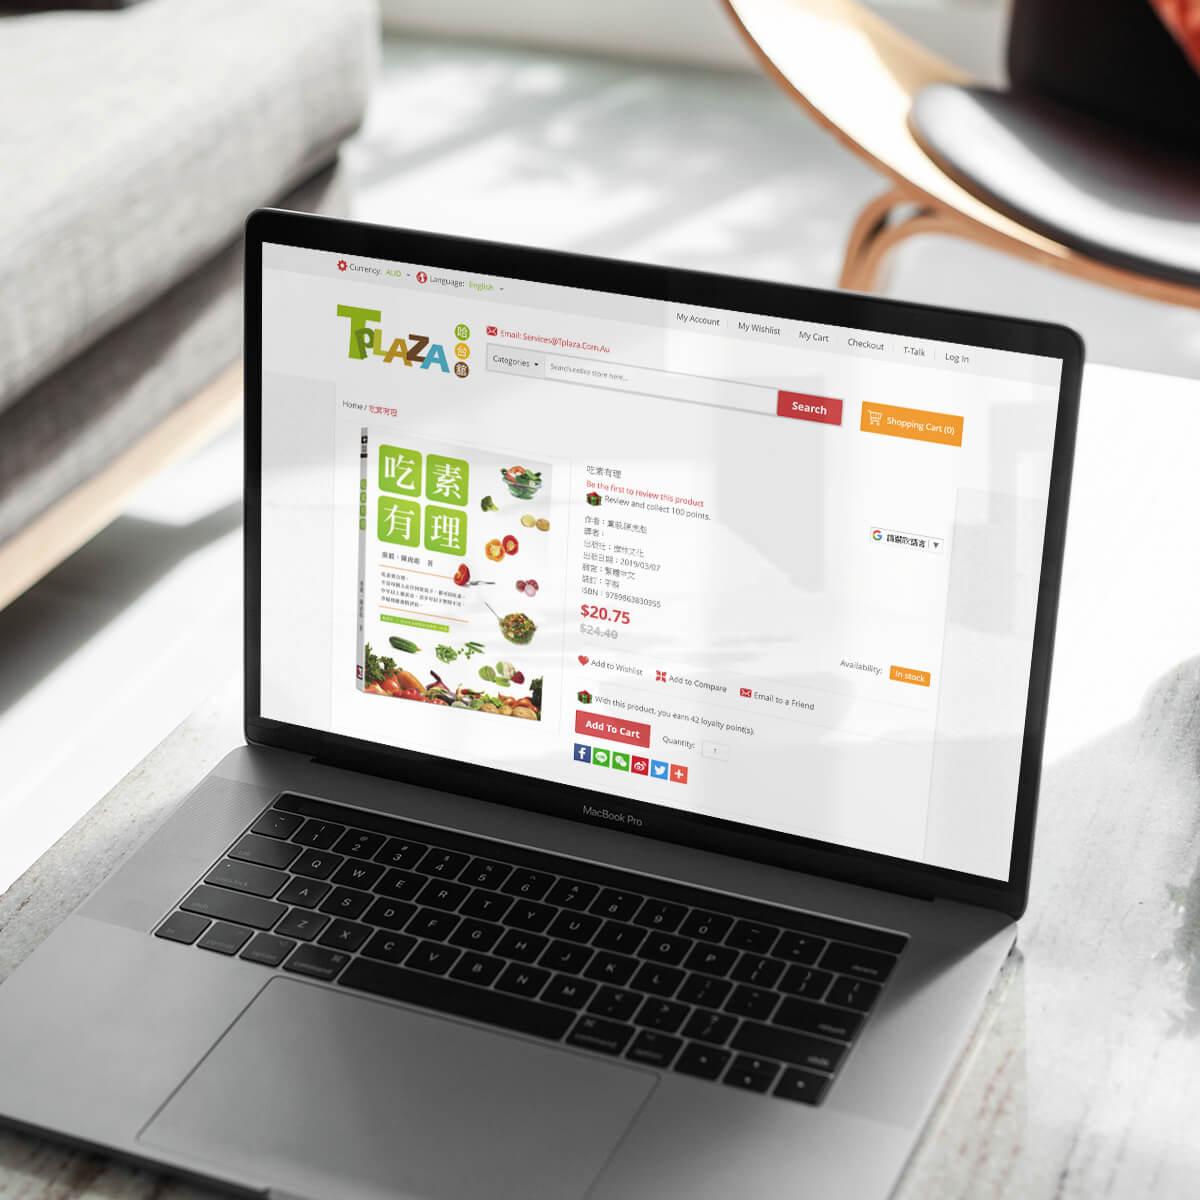 購物網站 | 購物車 | 網站後台輕鬆設定各種購物功能,加價購、折扣碼、滿額免運等電商網站功能一應俱全,介面好用訂單提升,交給電商網站專家傑克大俠